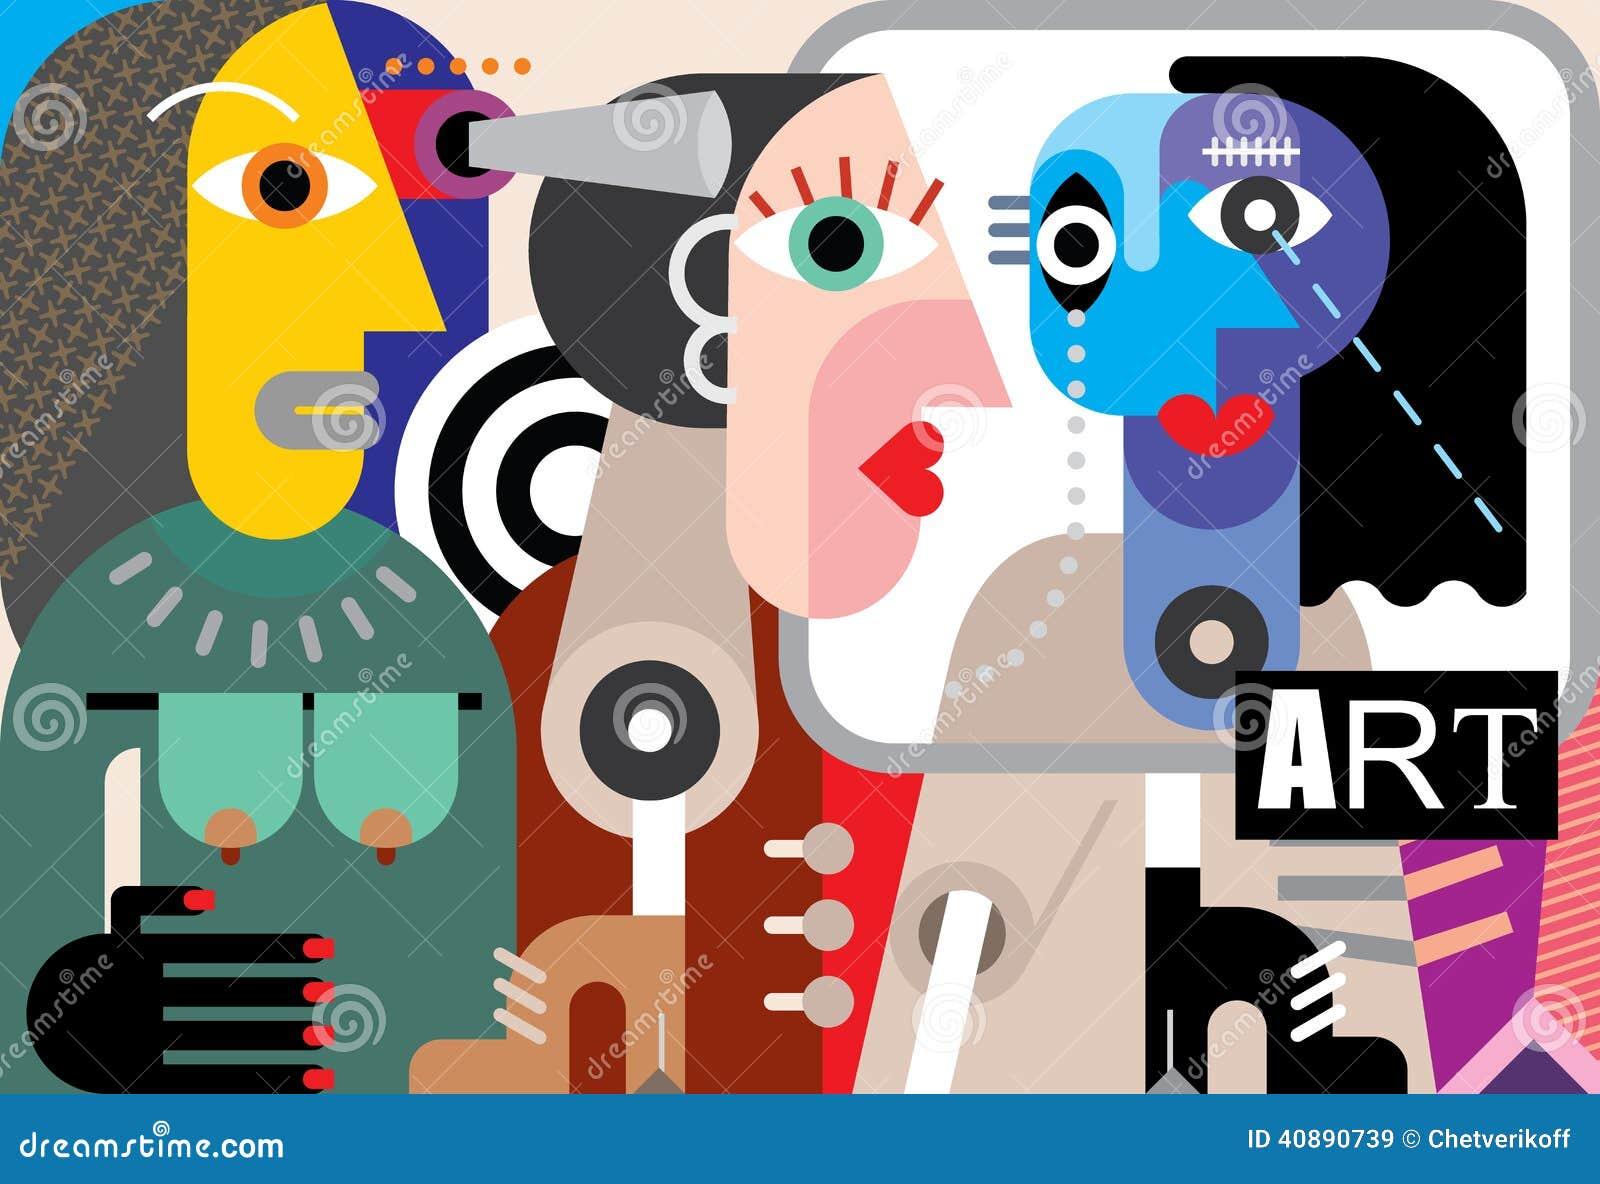 Art abstrait illustration de vecteur image 40890739 for Art contemporain abstrait